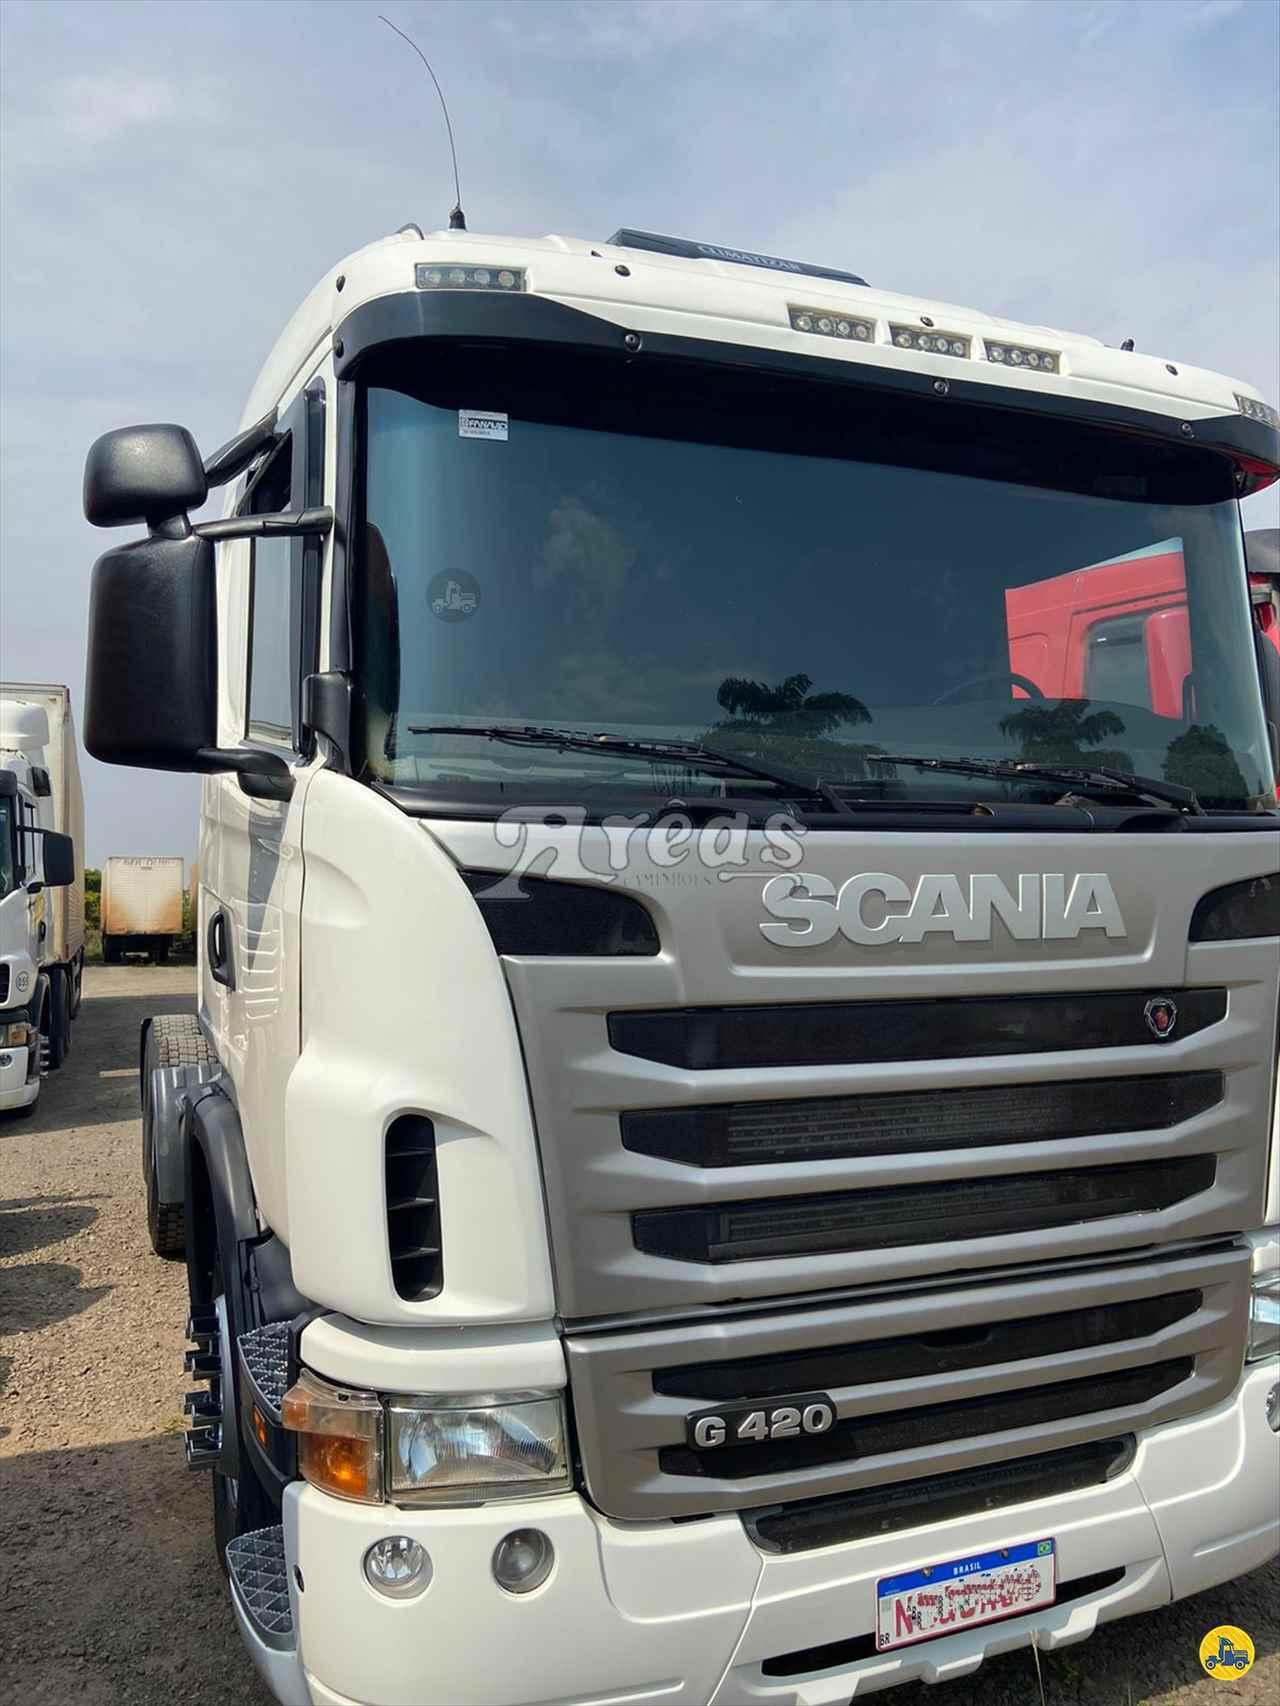 CAMINHAO SCANIA SCANIA 420 Cavalo Mecânico Traçado 6x4 Arêas Caminhões MARINGA PARANÁ PR